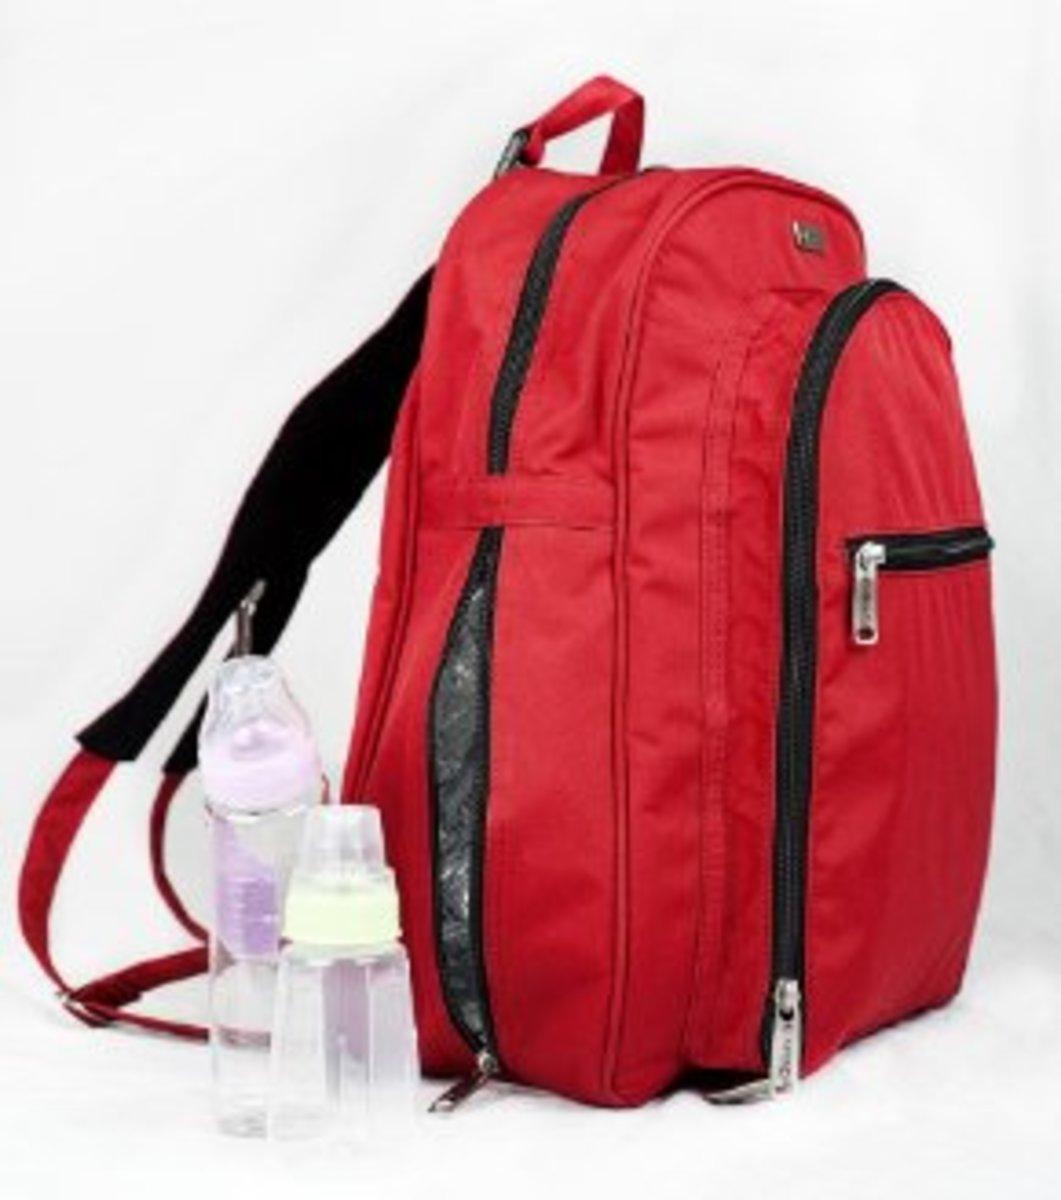 okkatots travel baby depot backpack bag reviews hubpages. Black Bedroom Furniture Sets. Home Design Ideas